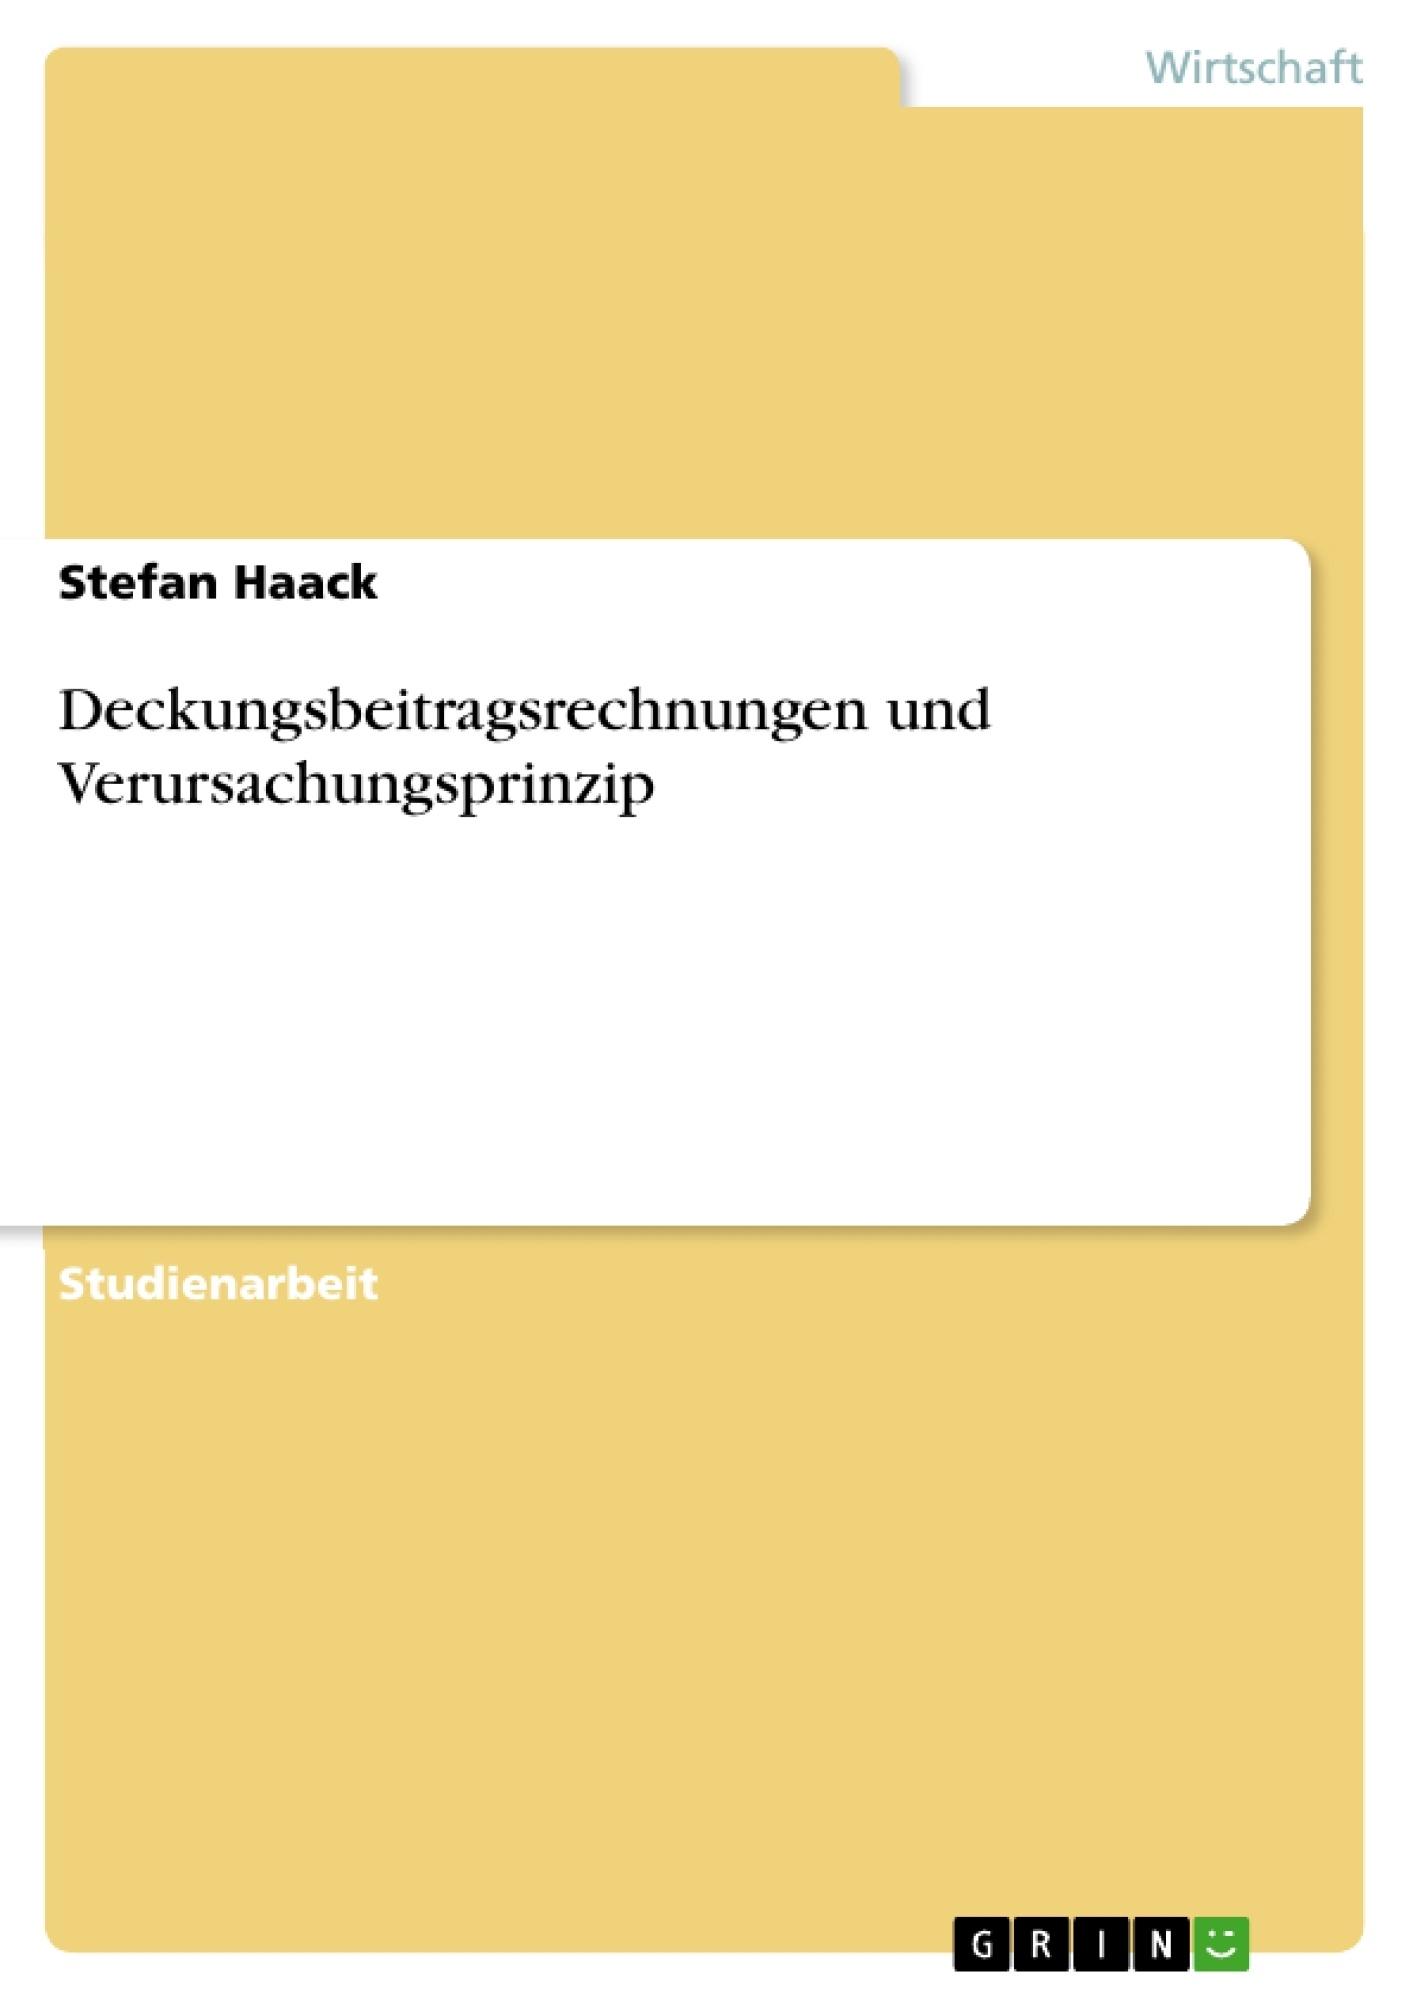 Titel: Deckungsbeitragsrechnungen und Verursachungsprinzip